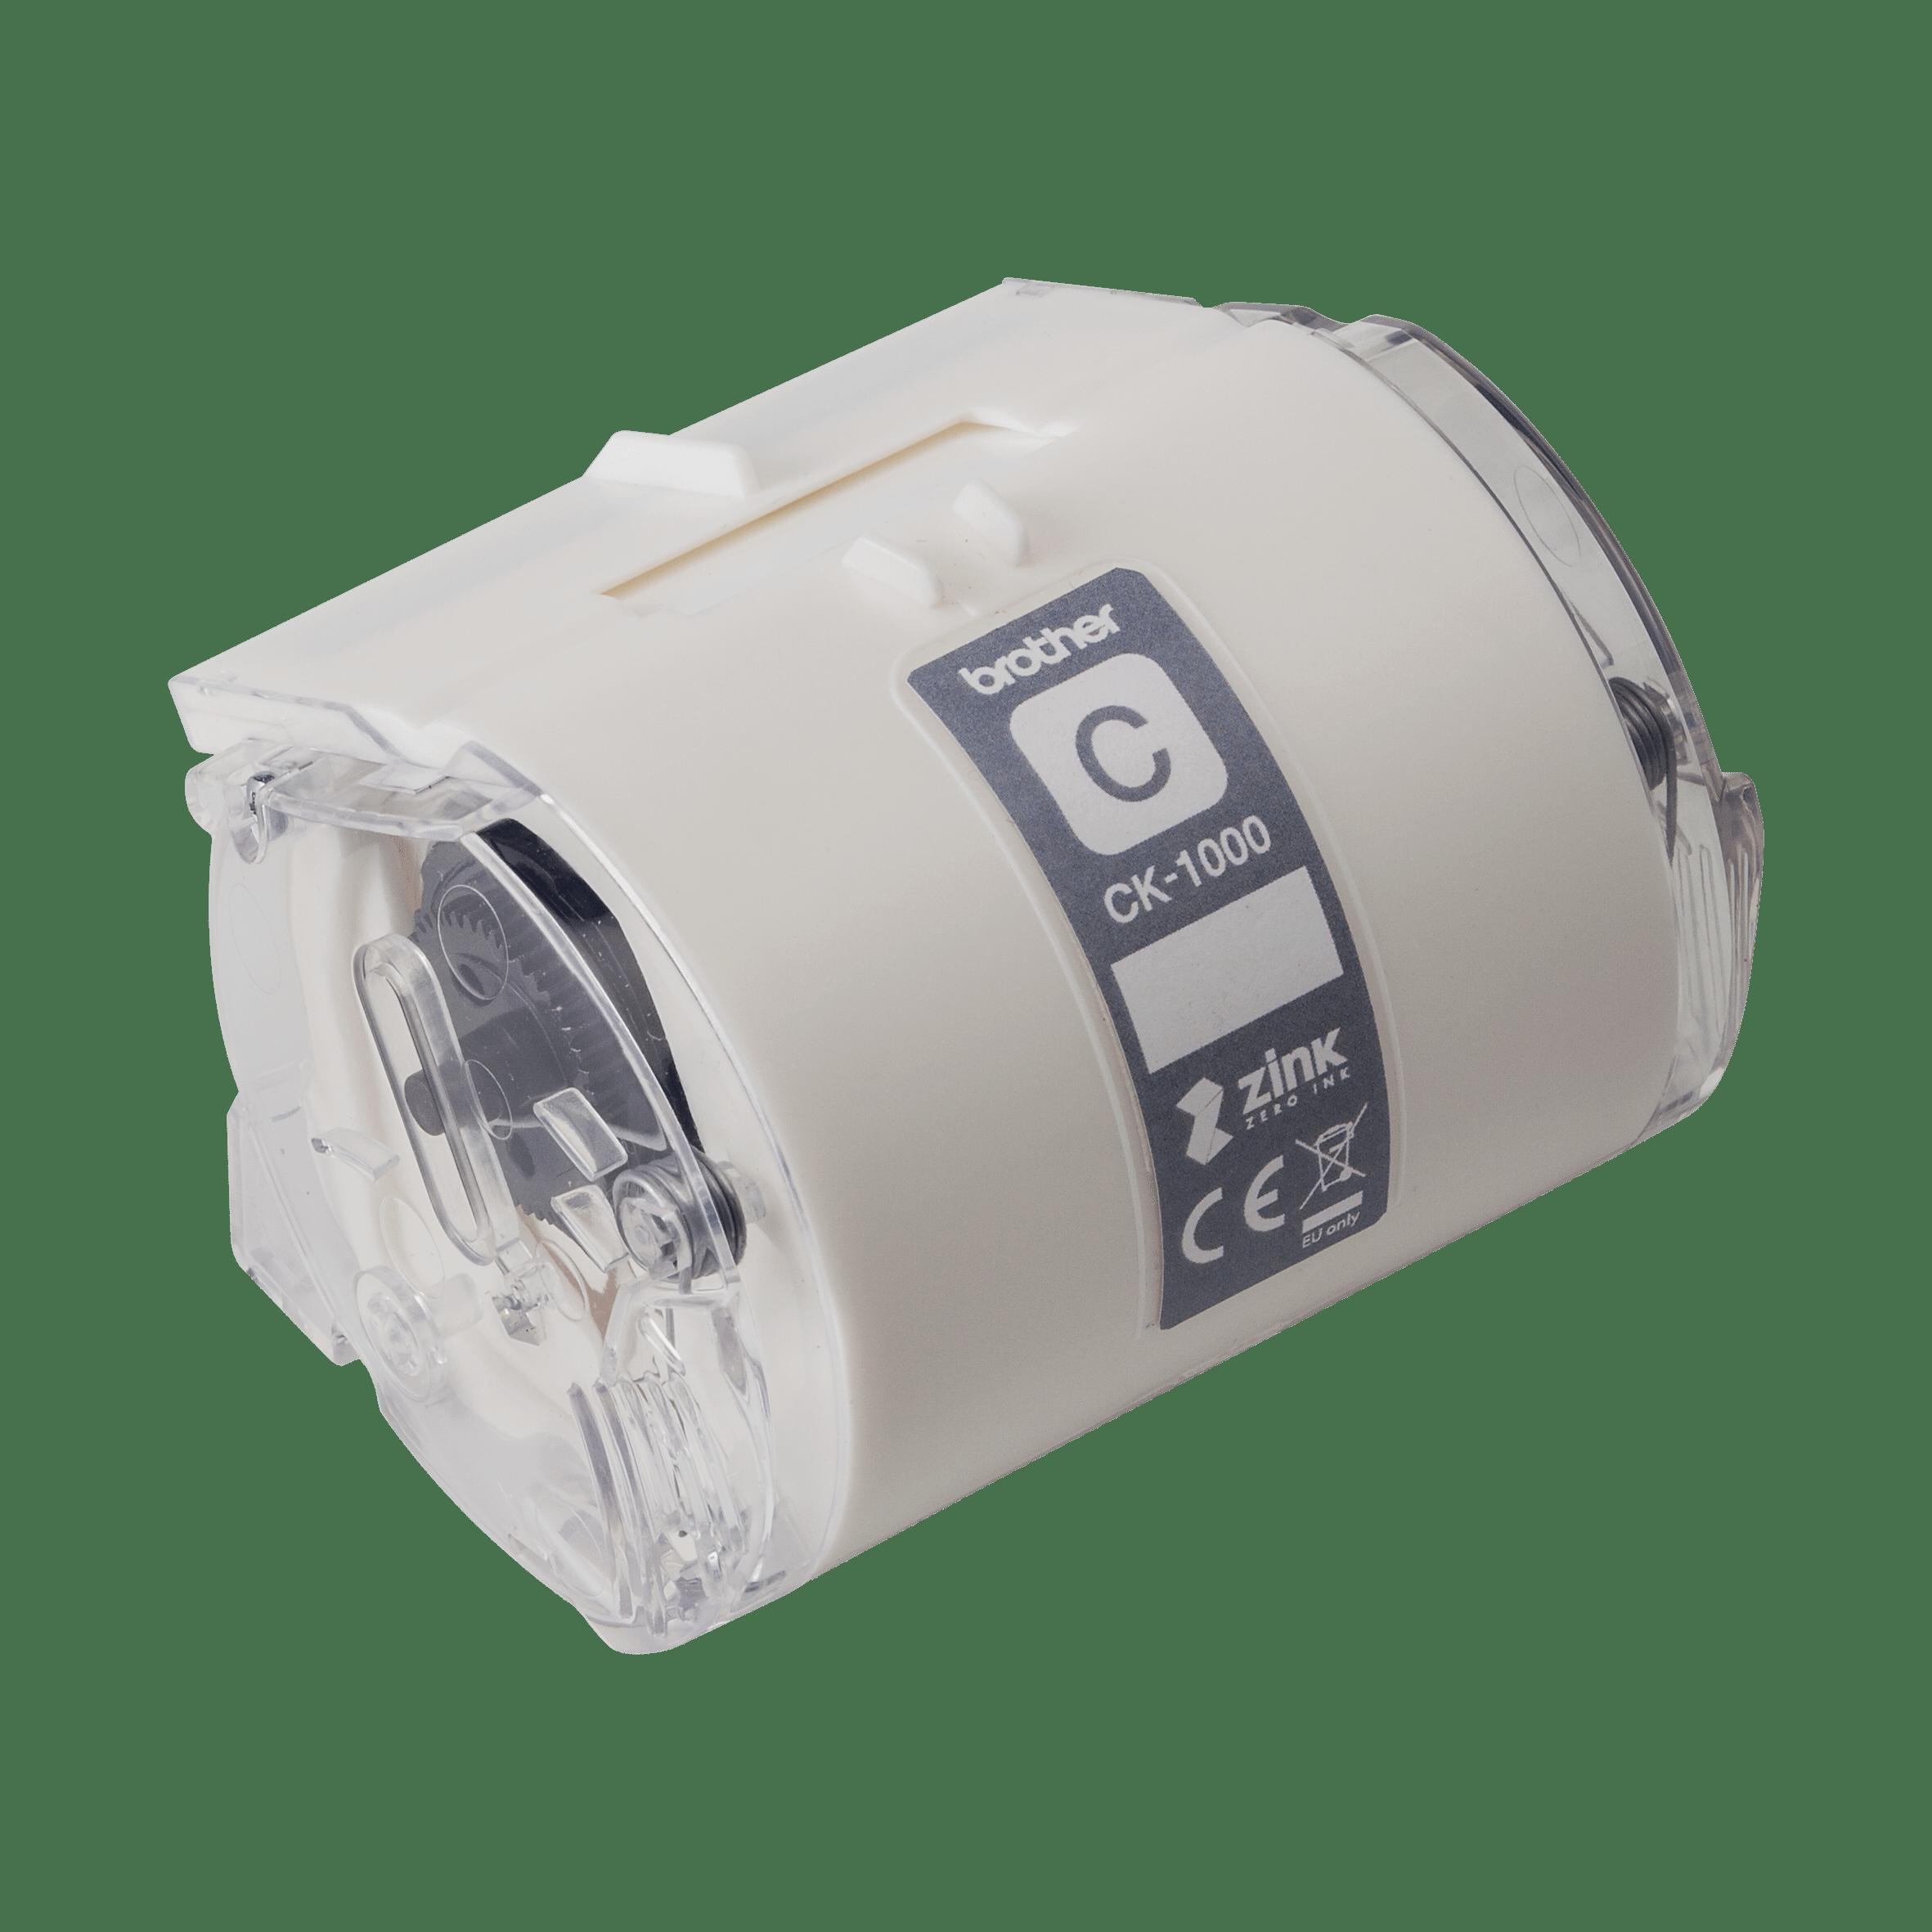 CK-1000, la cassette de nettoyage Brother de 50 mm de large